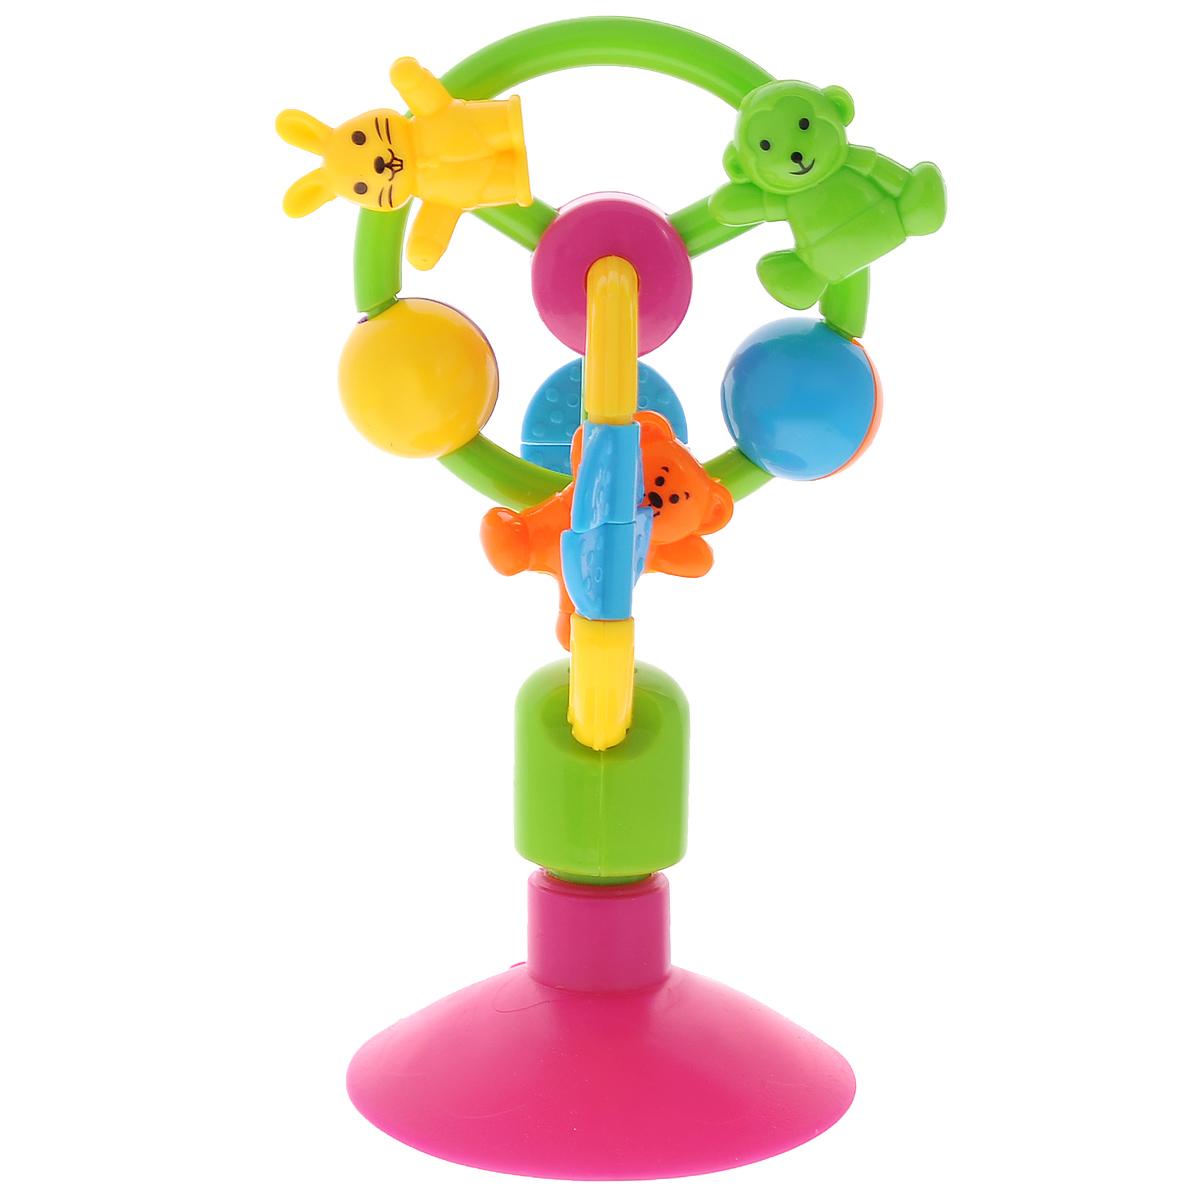 Купить Погремушка-карусель Mioshi Зверюшки на Карусели , Jinjiang Tanny Toys Co, Ltd, Первые игрушки